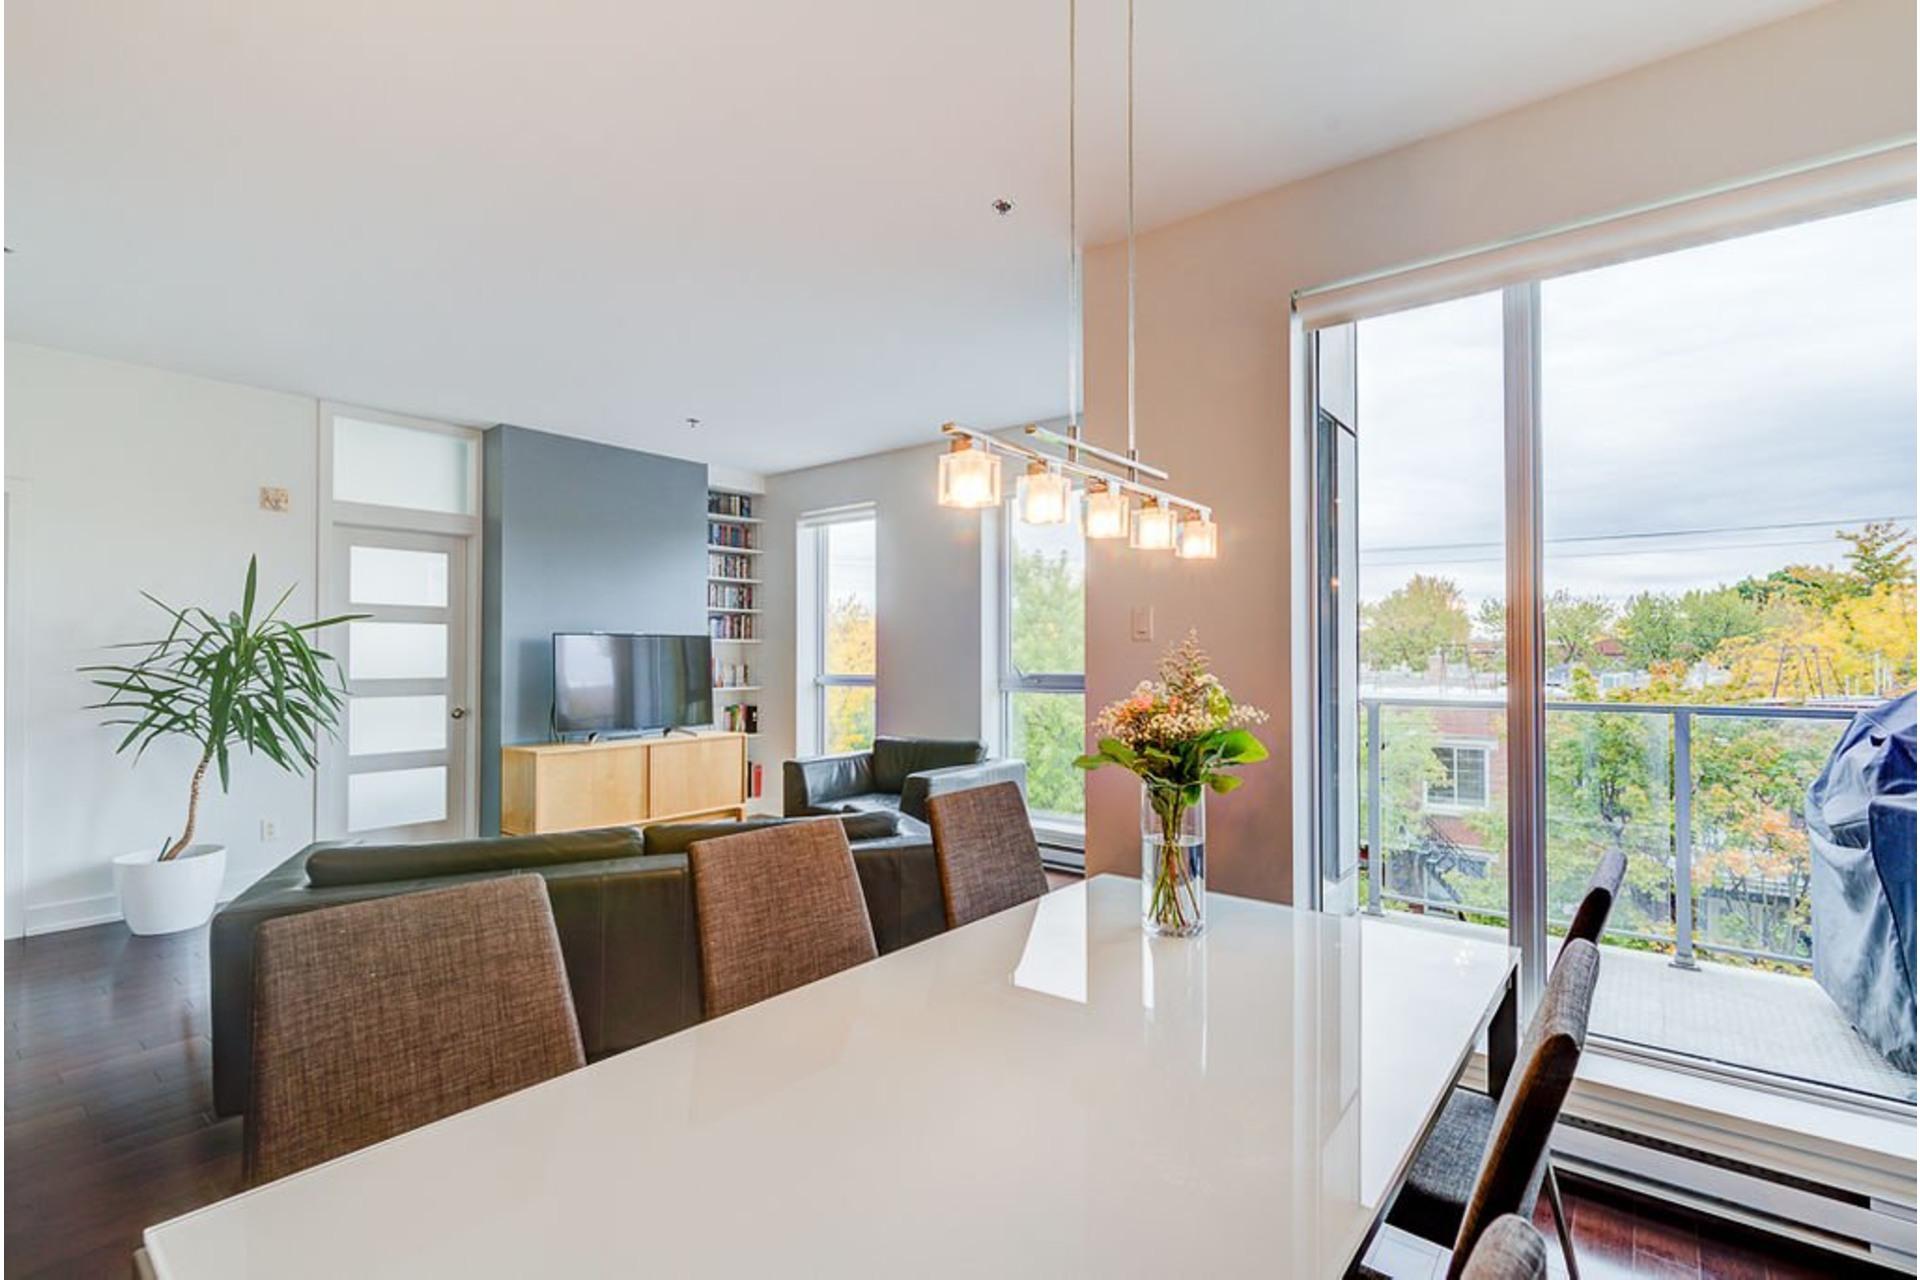 image 12 - Appartement À vendre Villeray/Saint-Michel/Parc-Extension Montréal  - 6 pièces